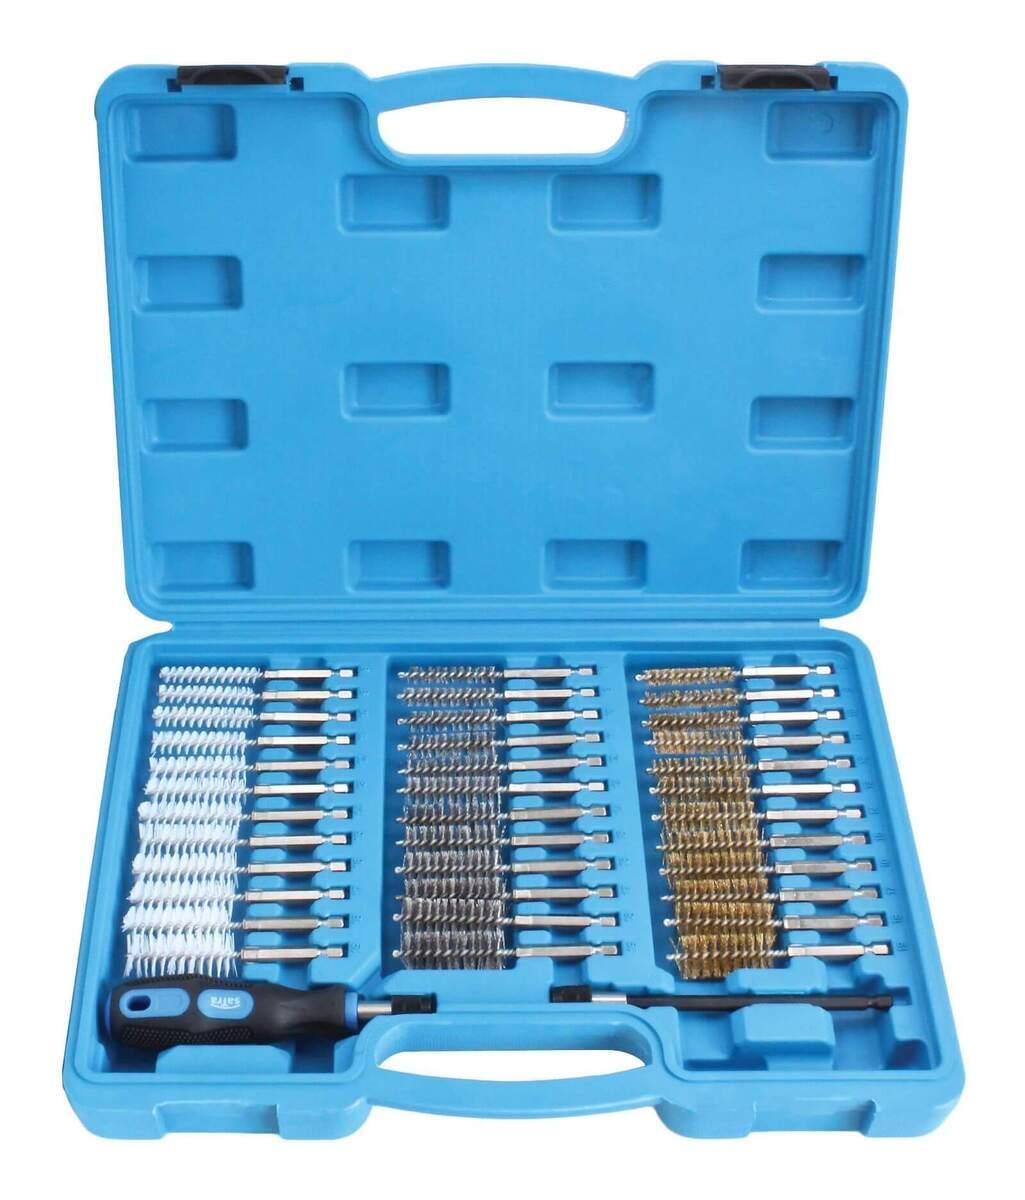 Kartáče ruční, na čištění šachet vstřikovačů, ocel, mosaz a nylon, 38 dílů - SATRA